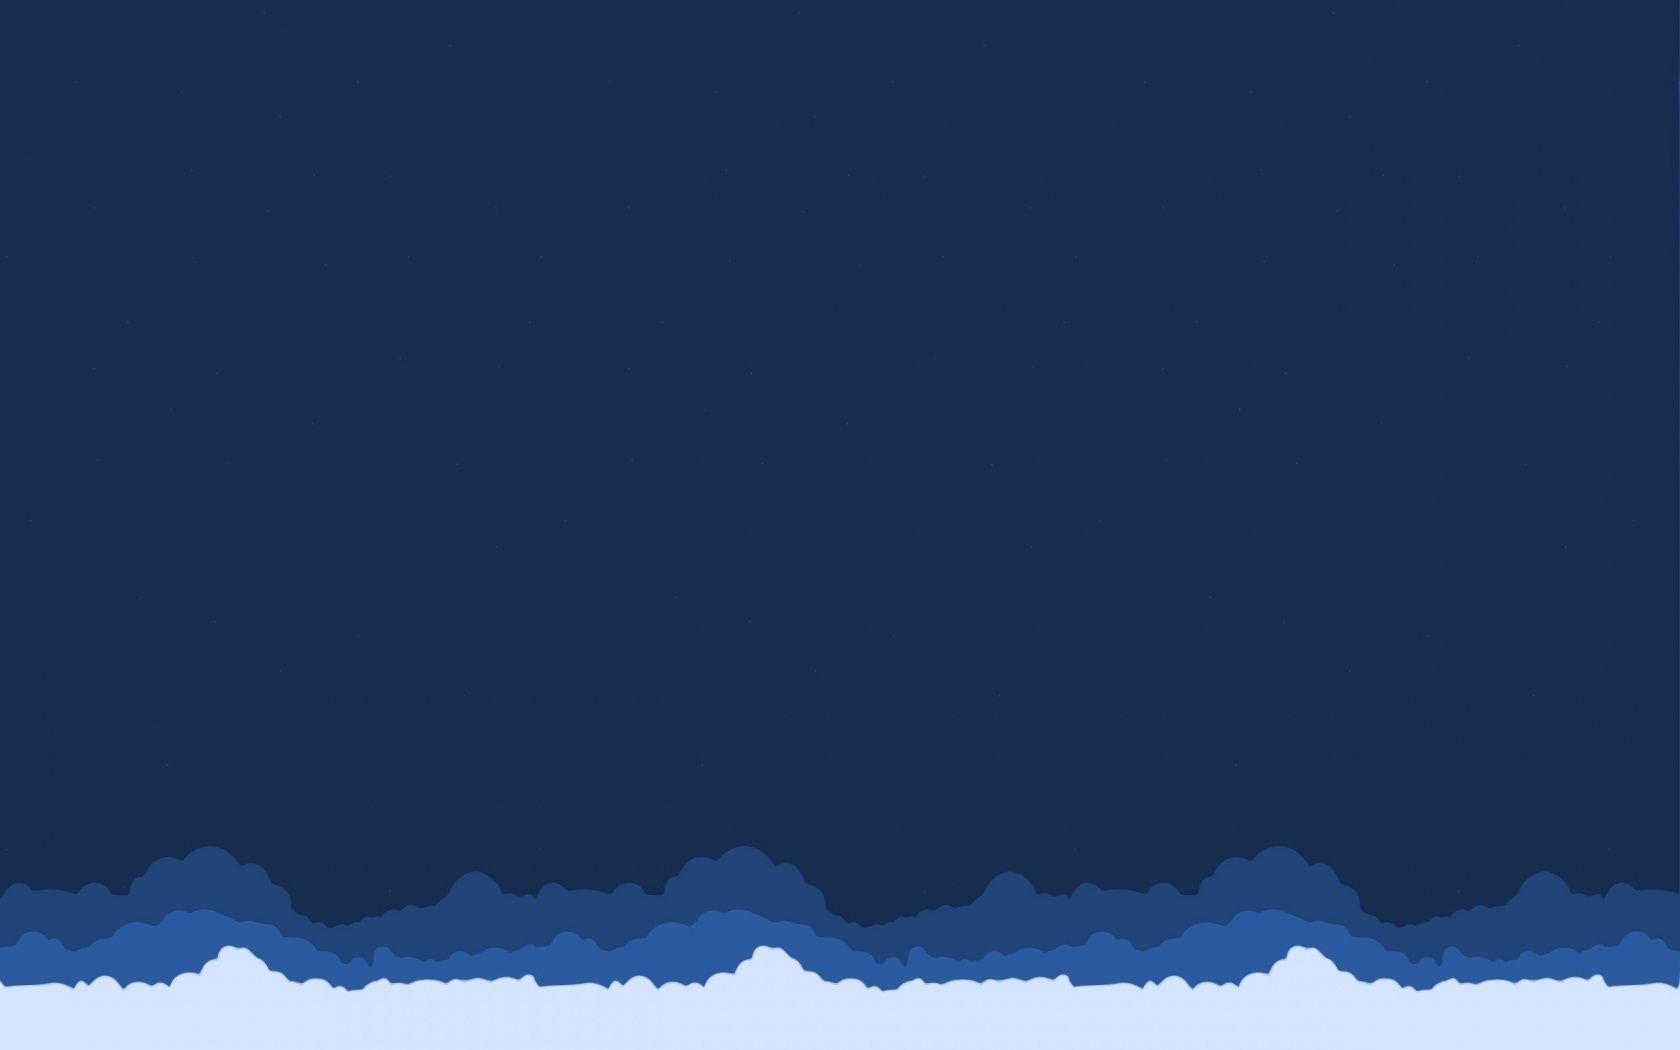 Download 920+ Background Biru Aesthetic Paling Keren